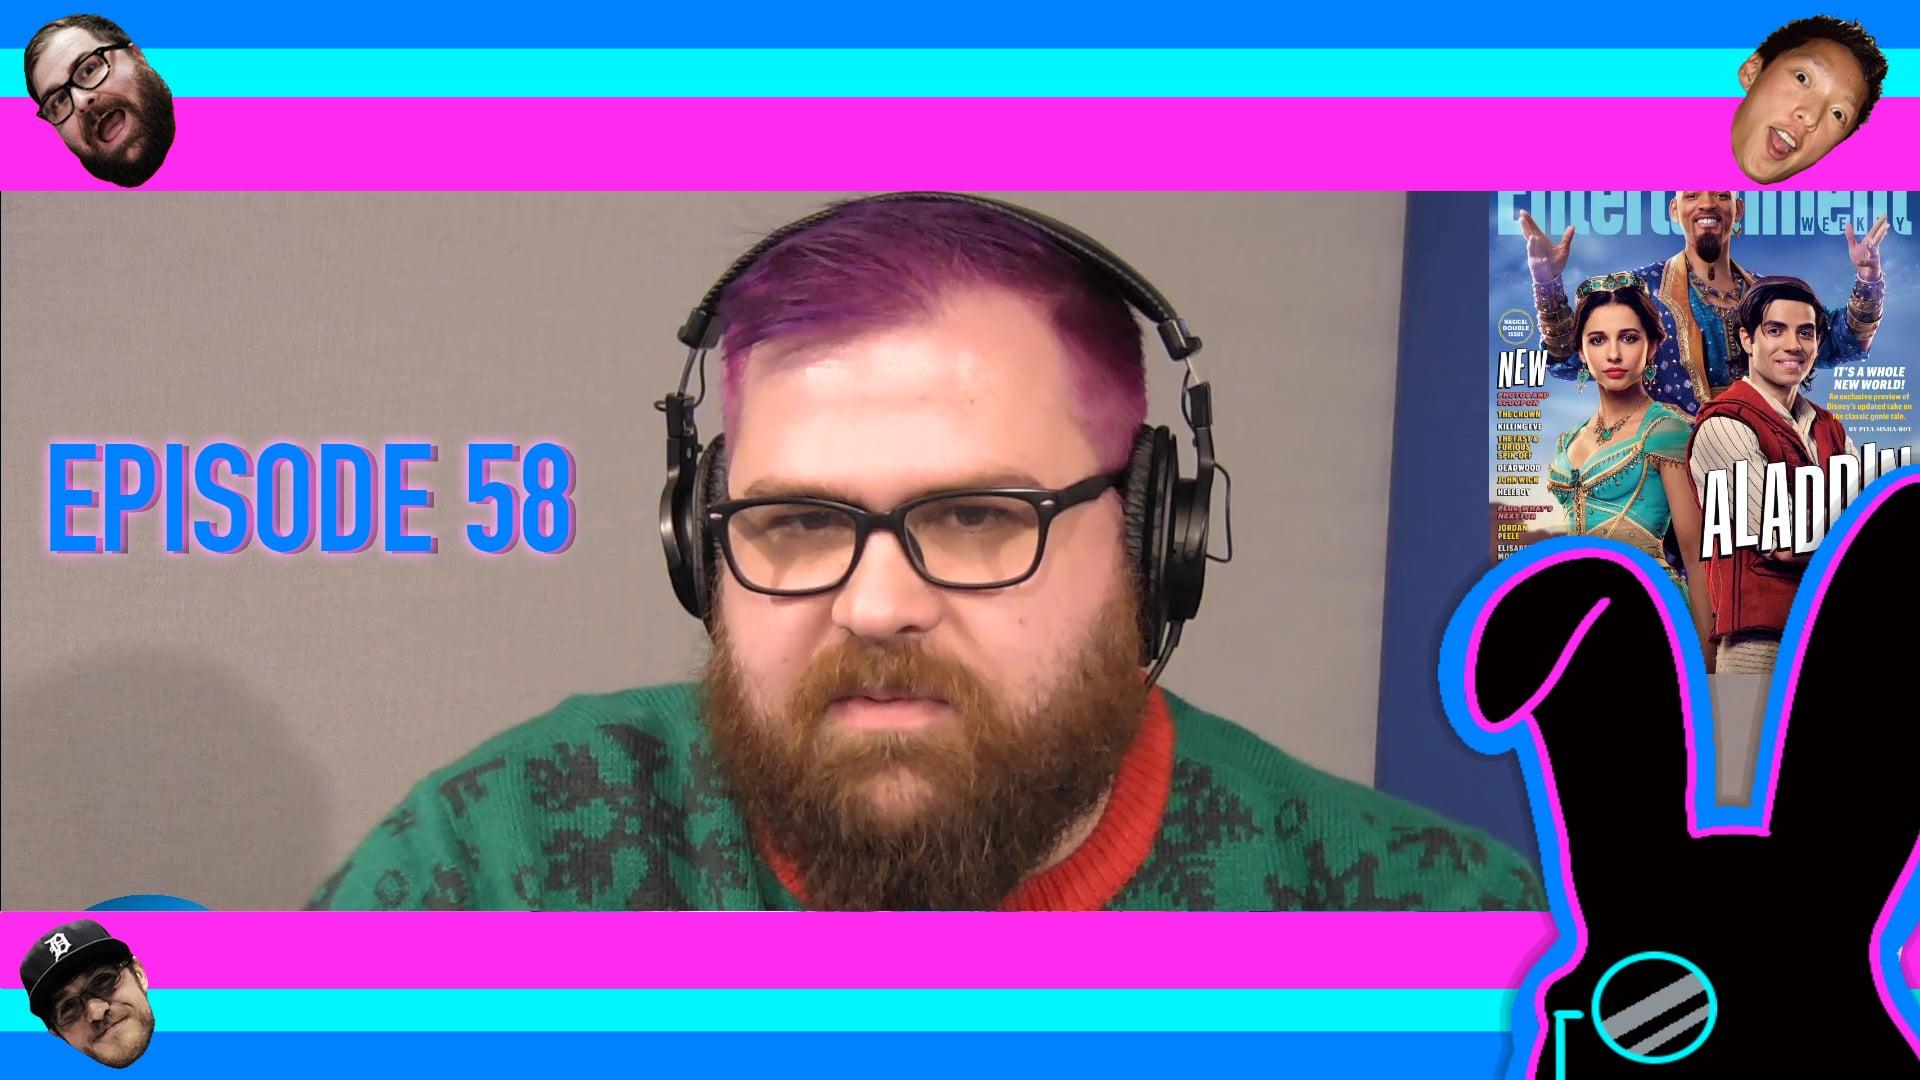 Geektainment Weekly - Episode 58: Spiderman